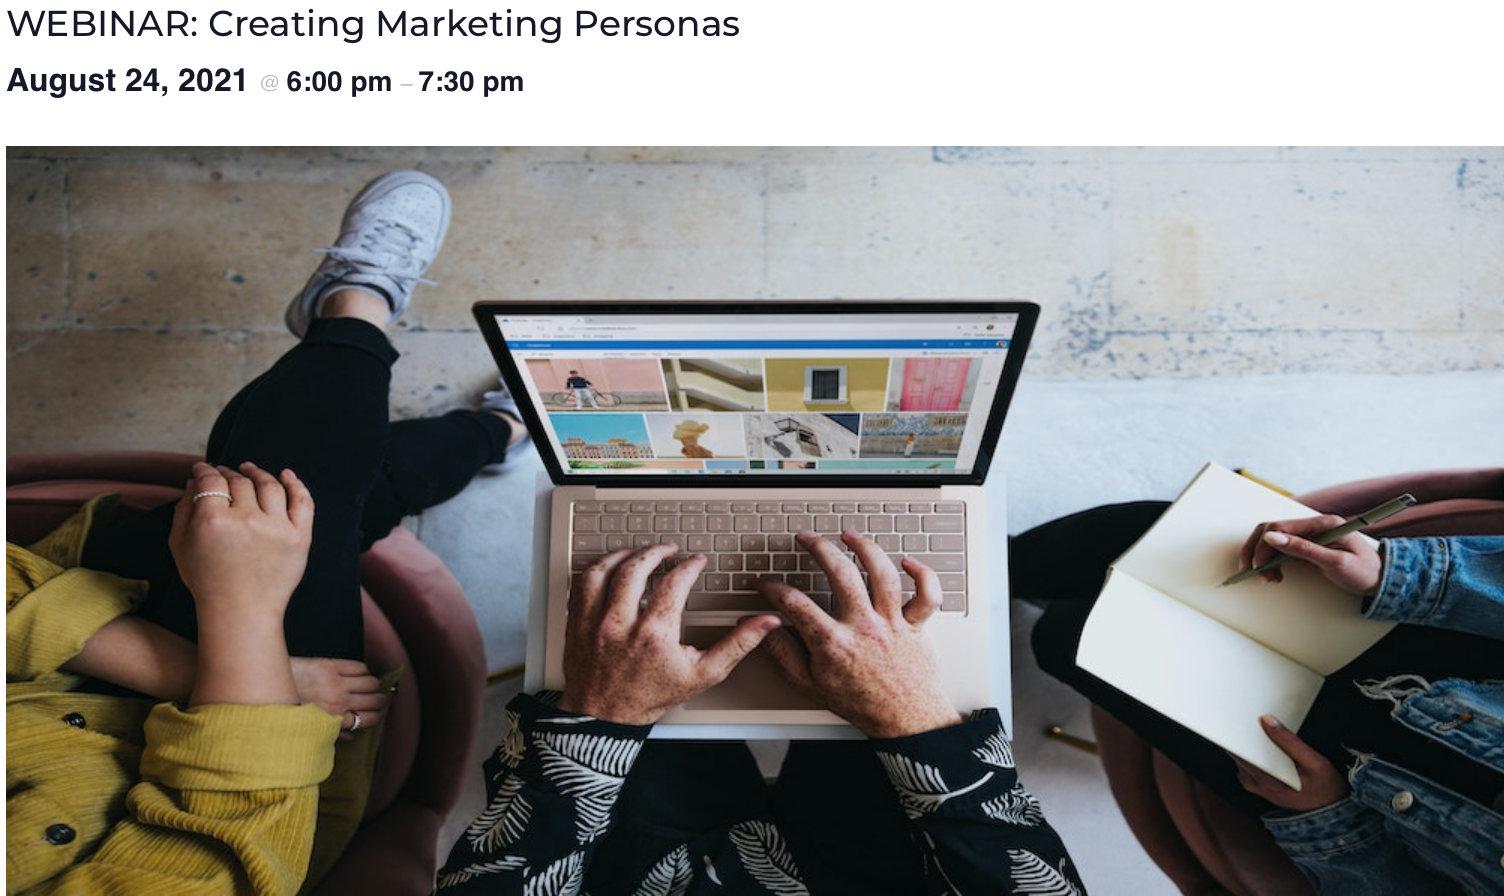 Hands on a laptop header image